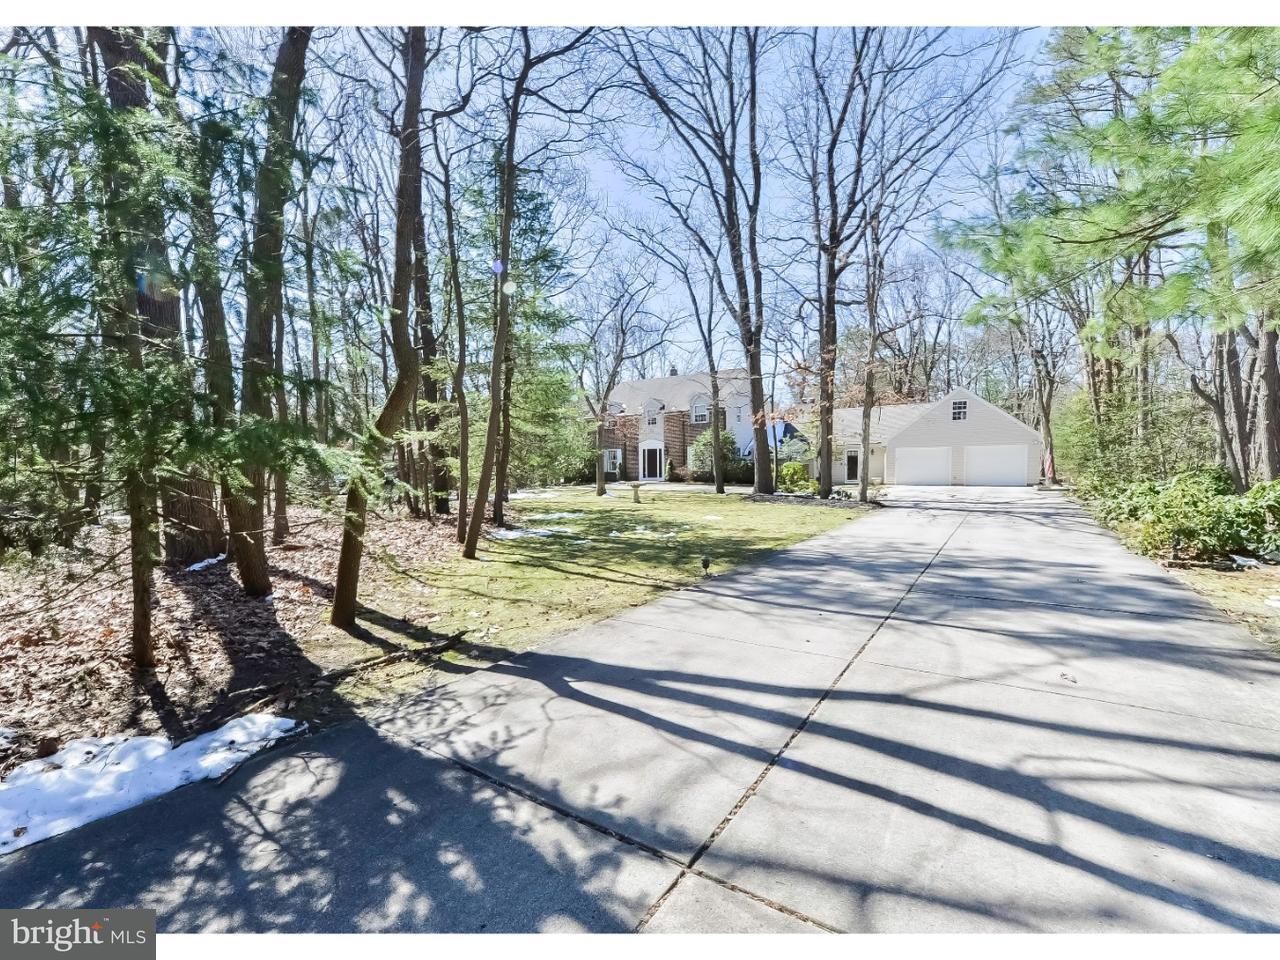 独户住宅 为 销售 在 253 MOUNT VERNON Avenue West Berlin, 新泽西州 08091 美国